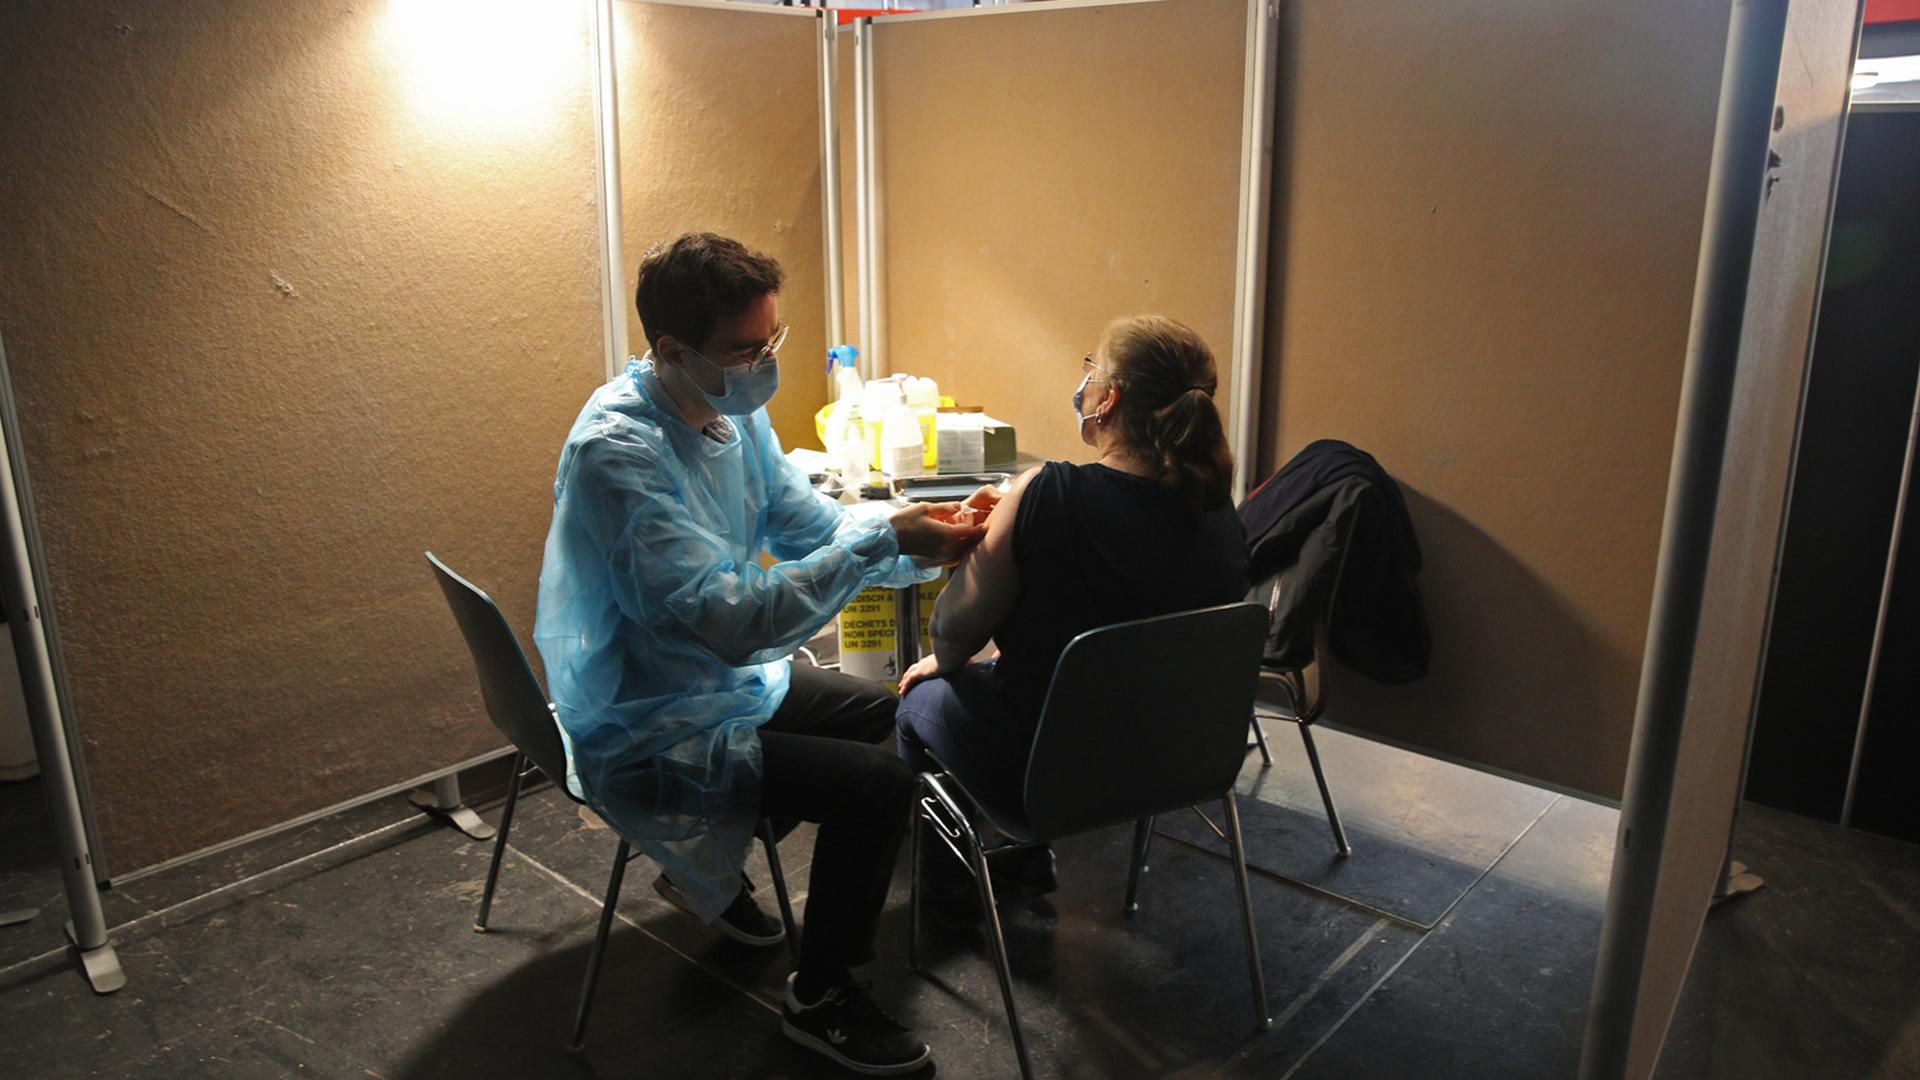 Une personne se fait vacciner dans le centre de vaccination éphémère installé au CSC Le Galet dans le quartier de Hautepierre, à Strasbourg le 20 avril 2021.